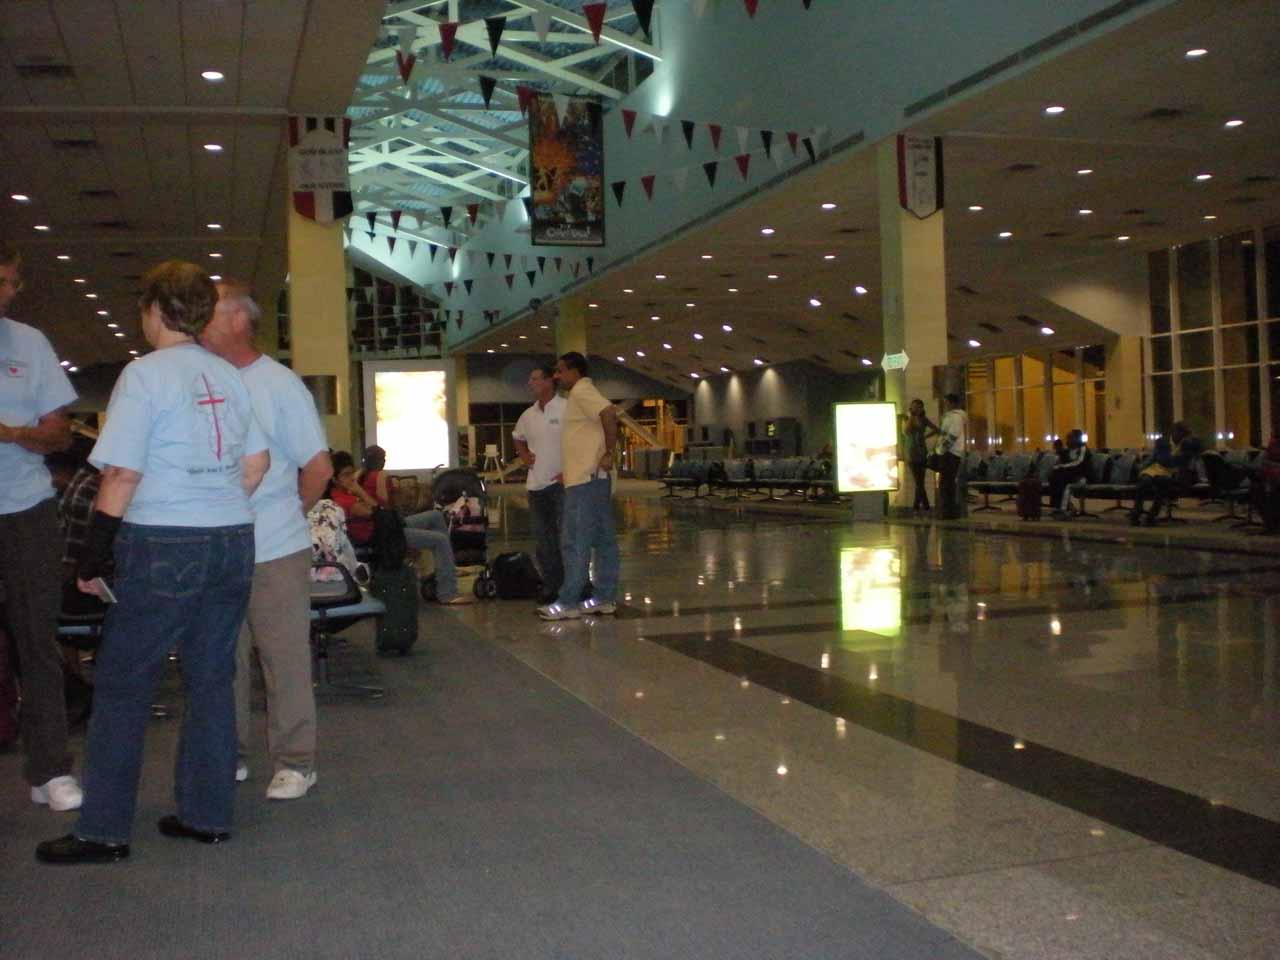 Waiting at the airport at Port of Spain, Trinidad and Tobago